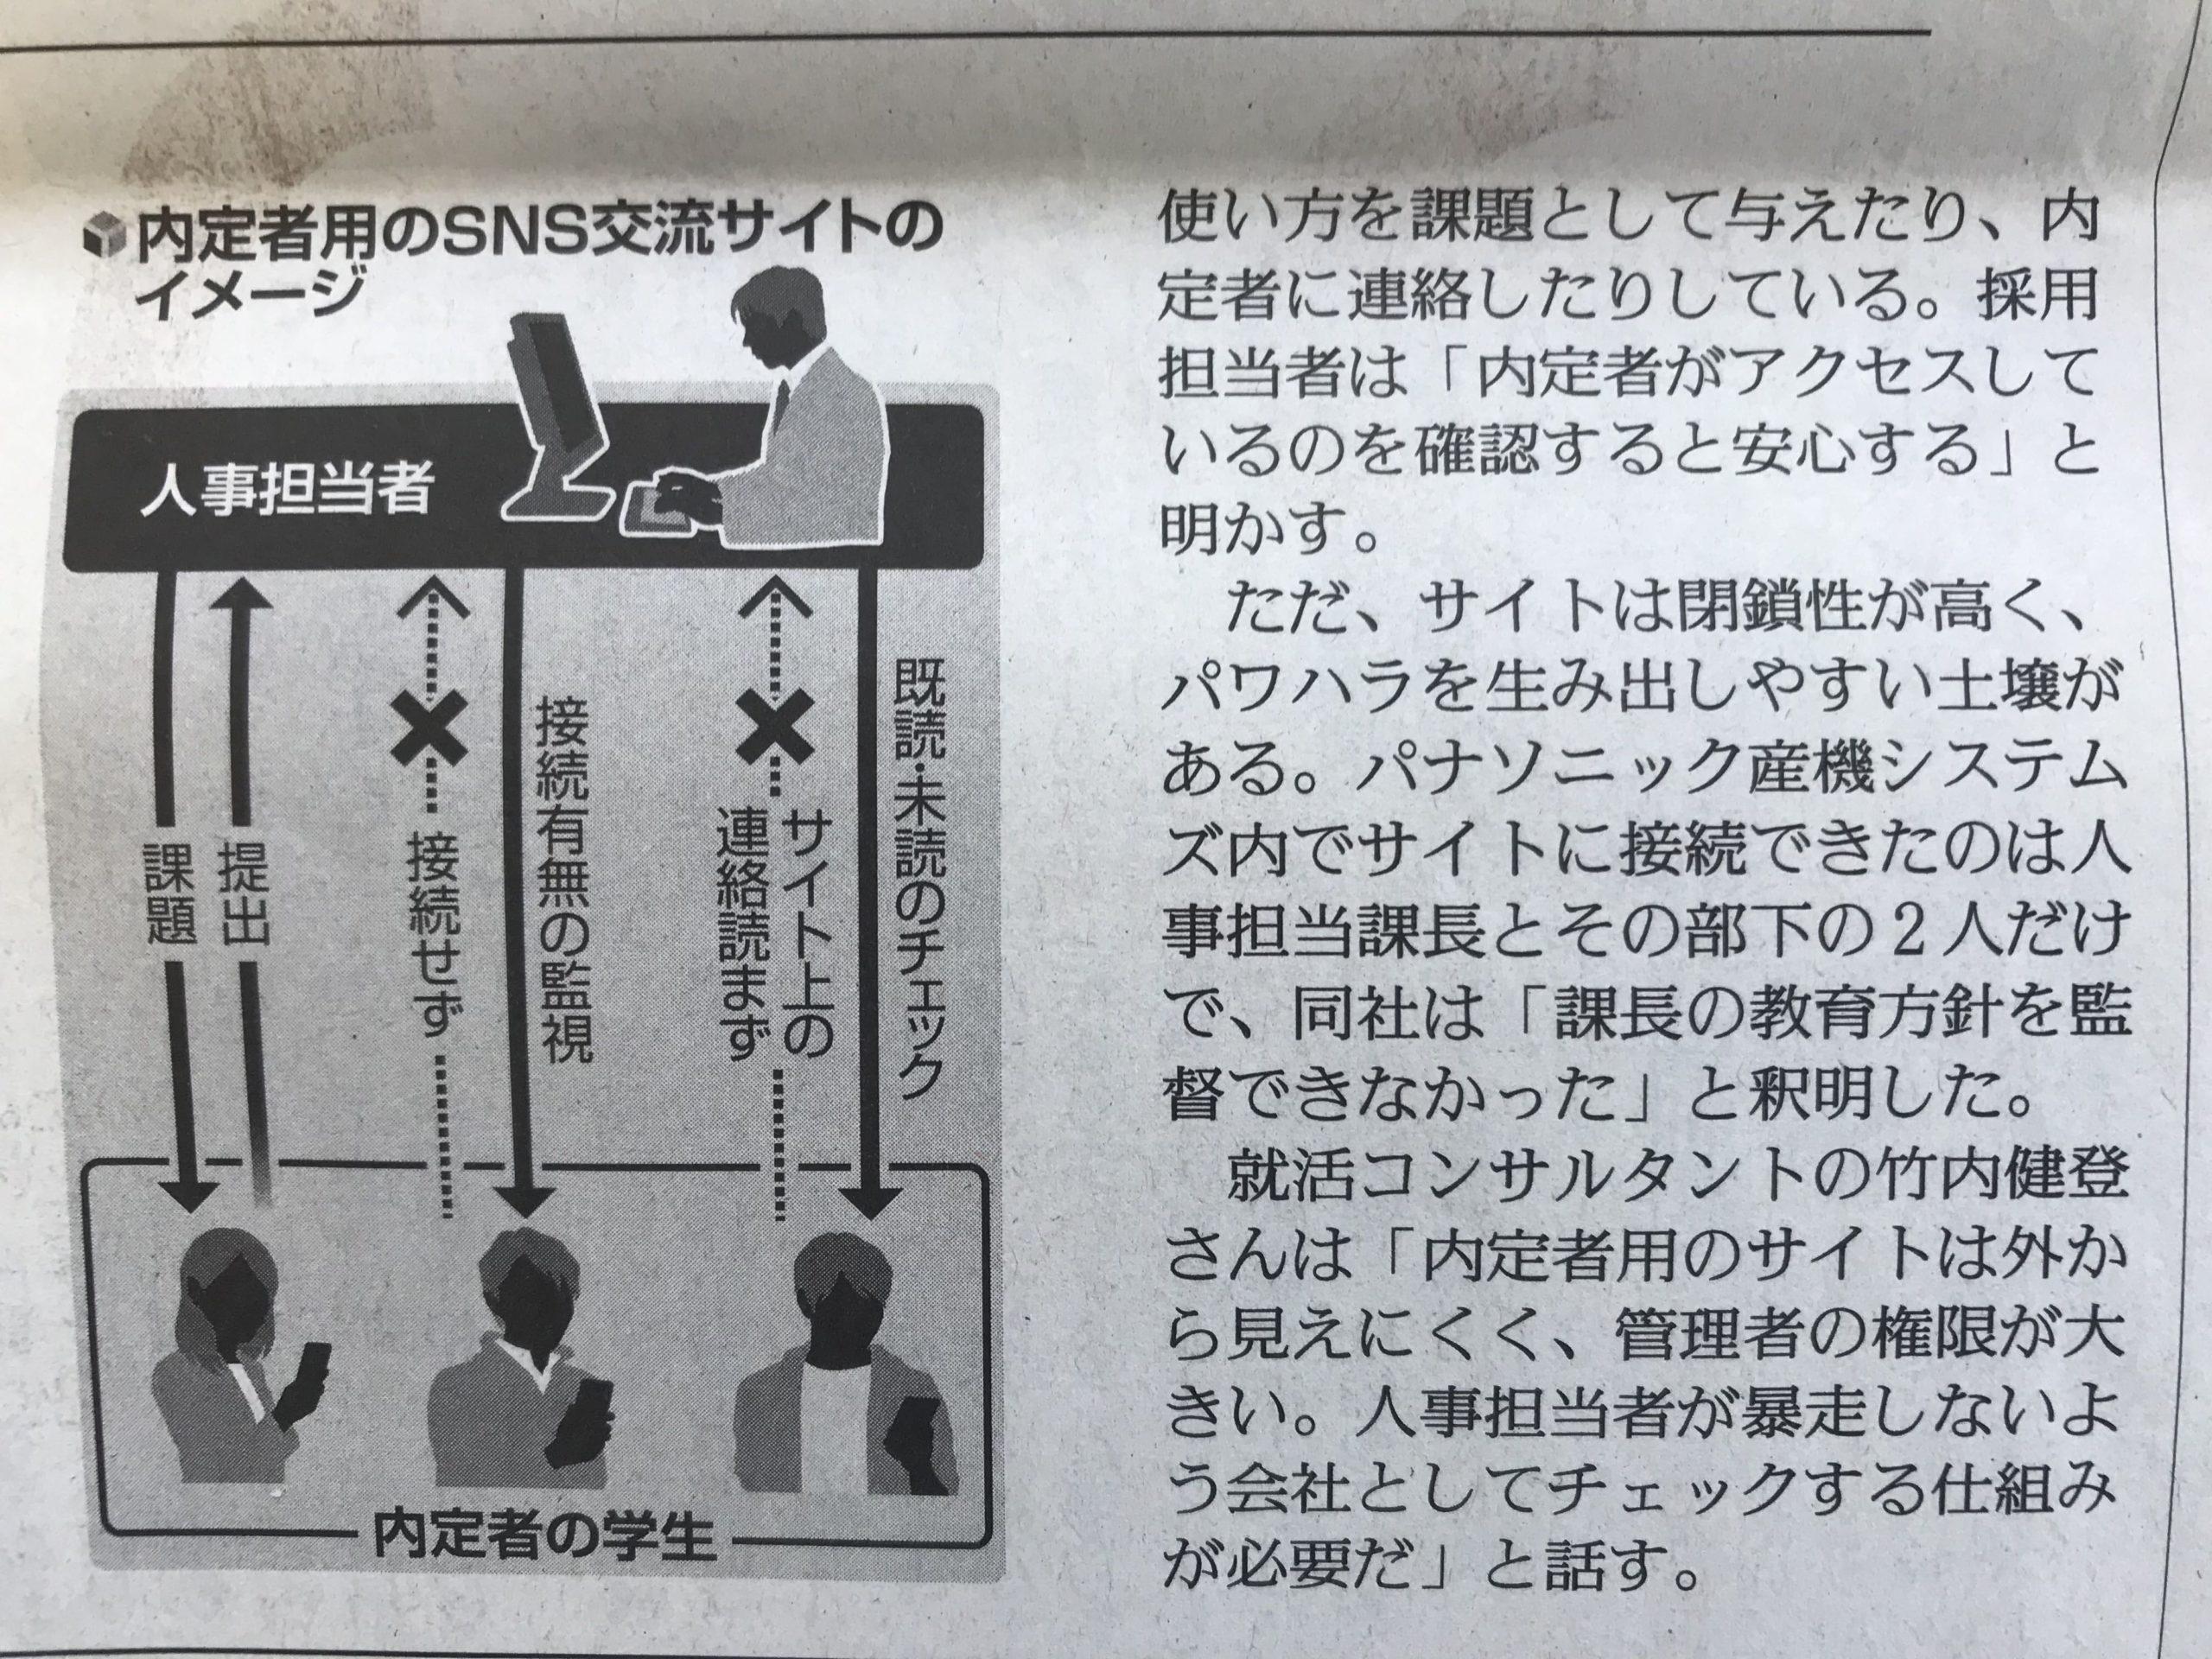 読売新聞朝刊に寄せられた竹内校長のコメント